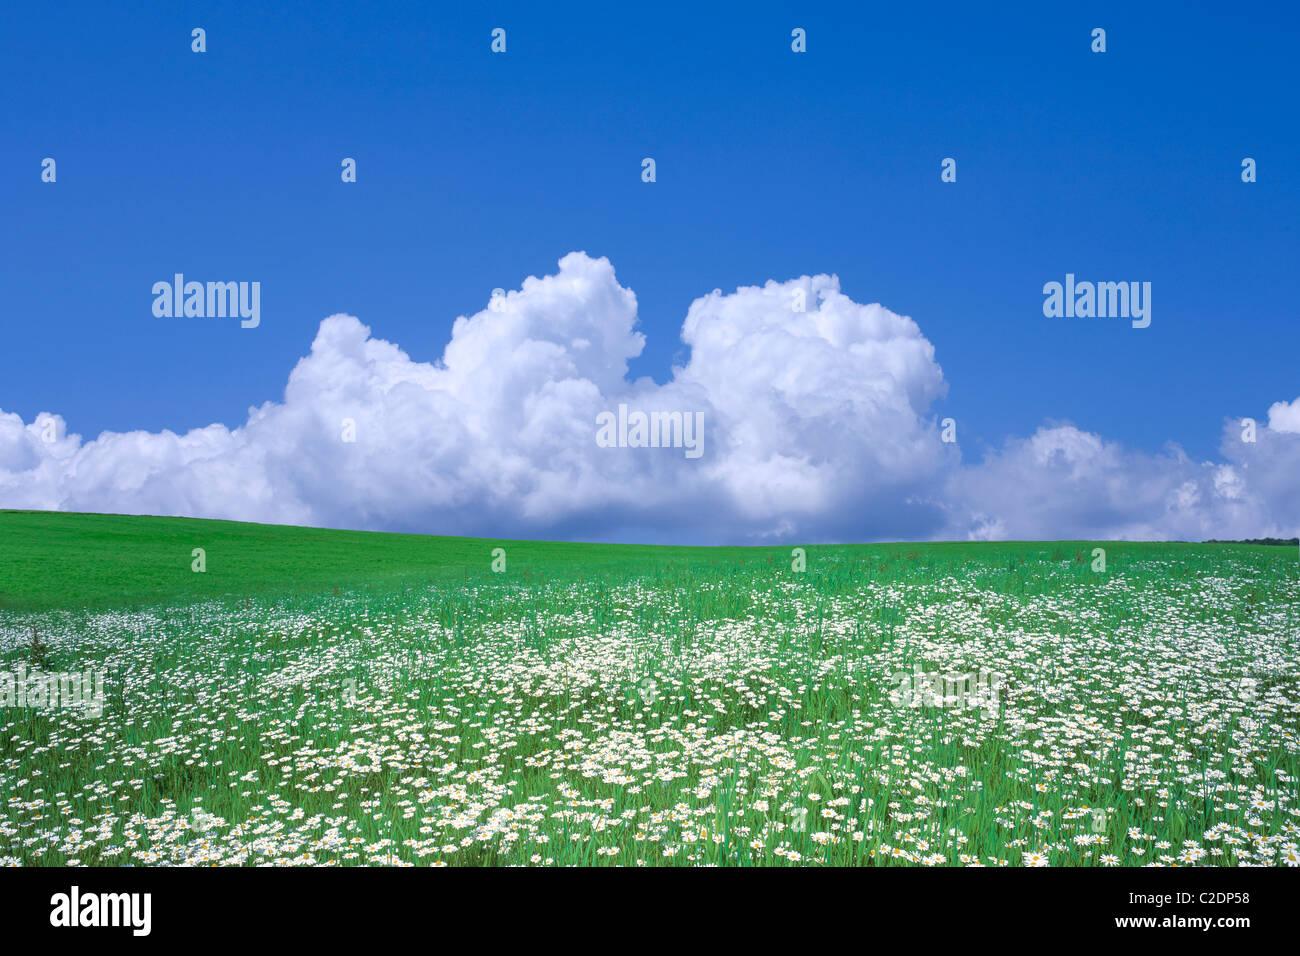 Campo de flores y un cielo azul con nubes. Imagen De Stock